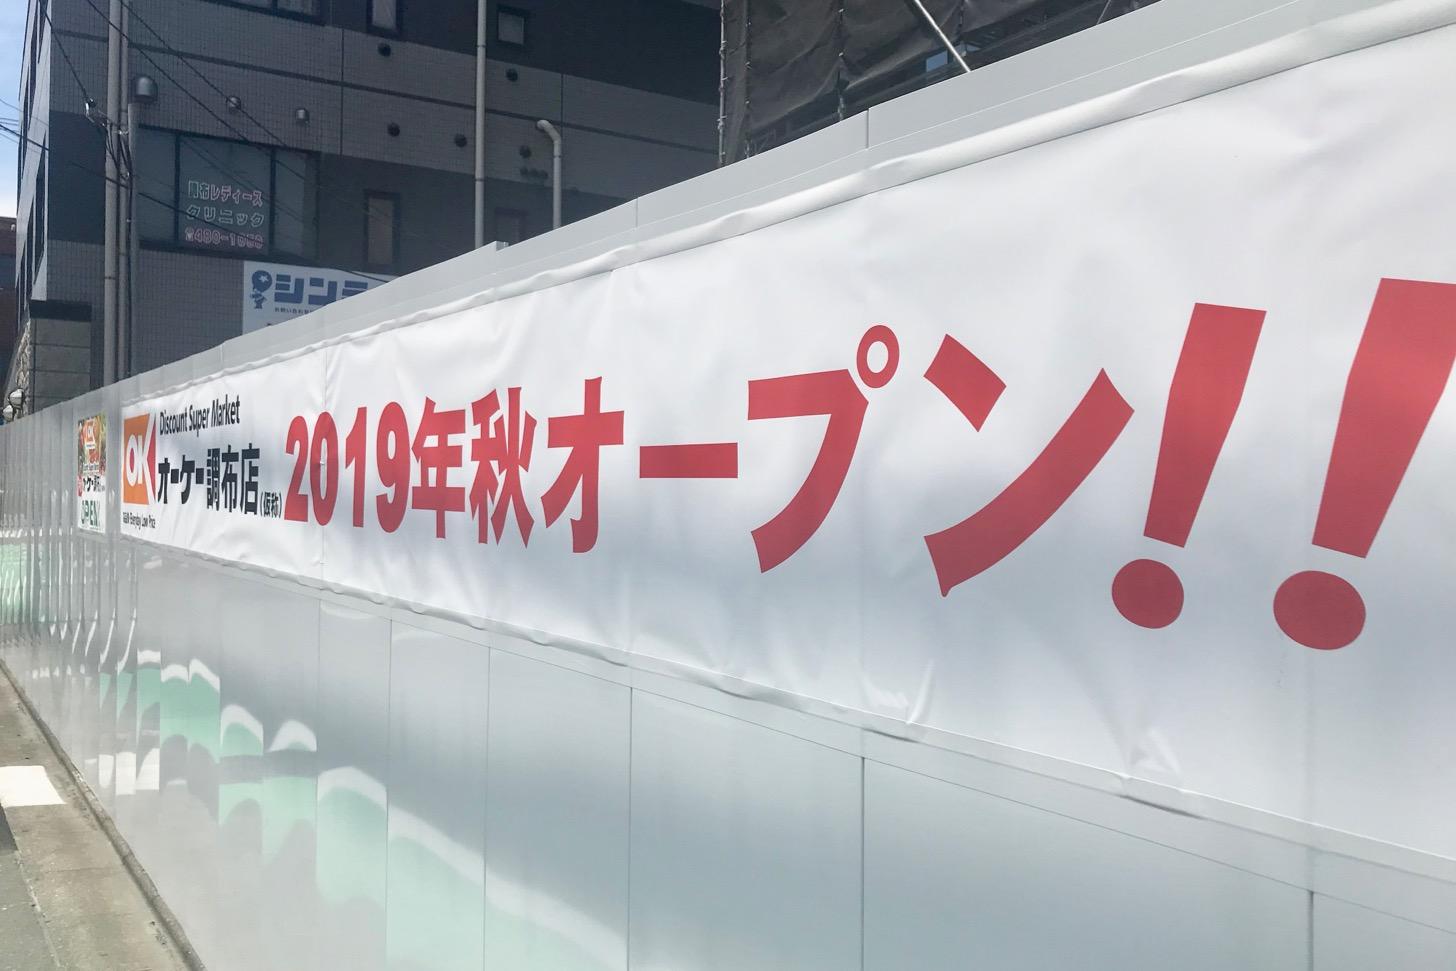 オーケー調布店(仮称)2019年9月下旬オープン予定